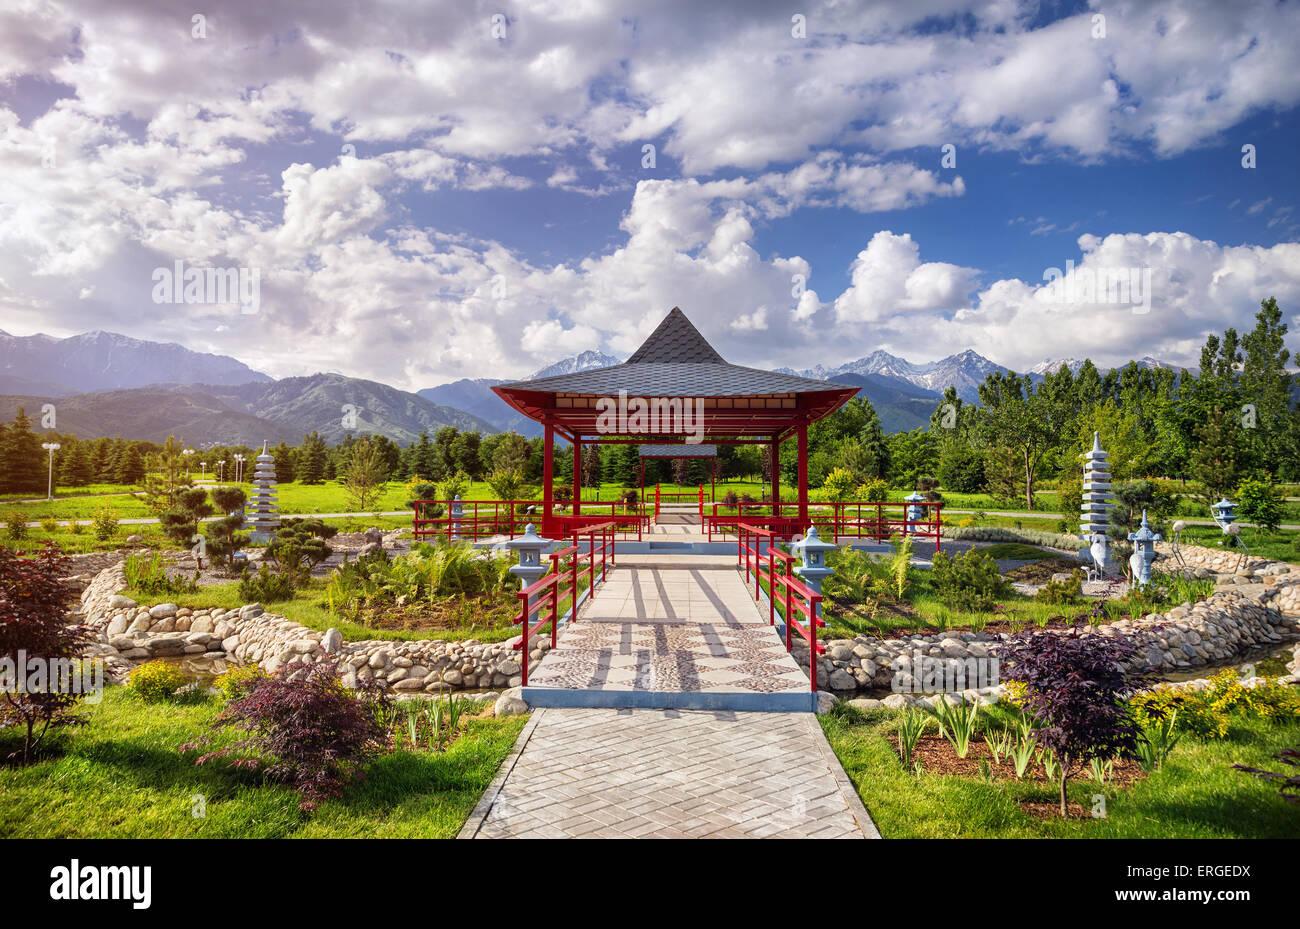 Giardino giapponese con pagoda rossa a montagne e il cielo azzurro in dendra parco del primo presidente ad Almaty Immagini Stock